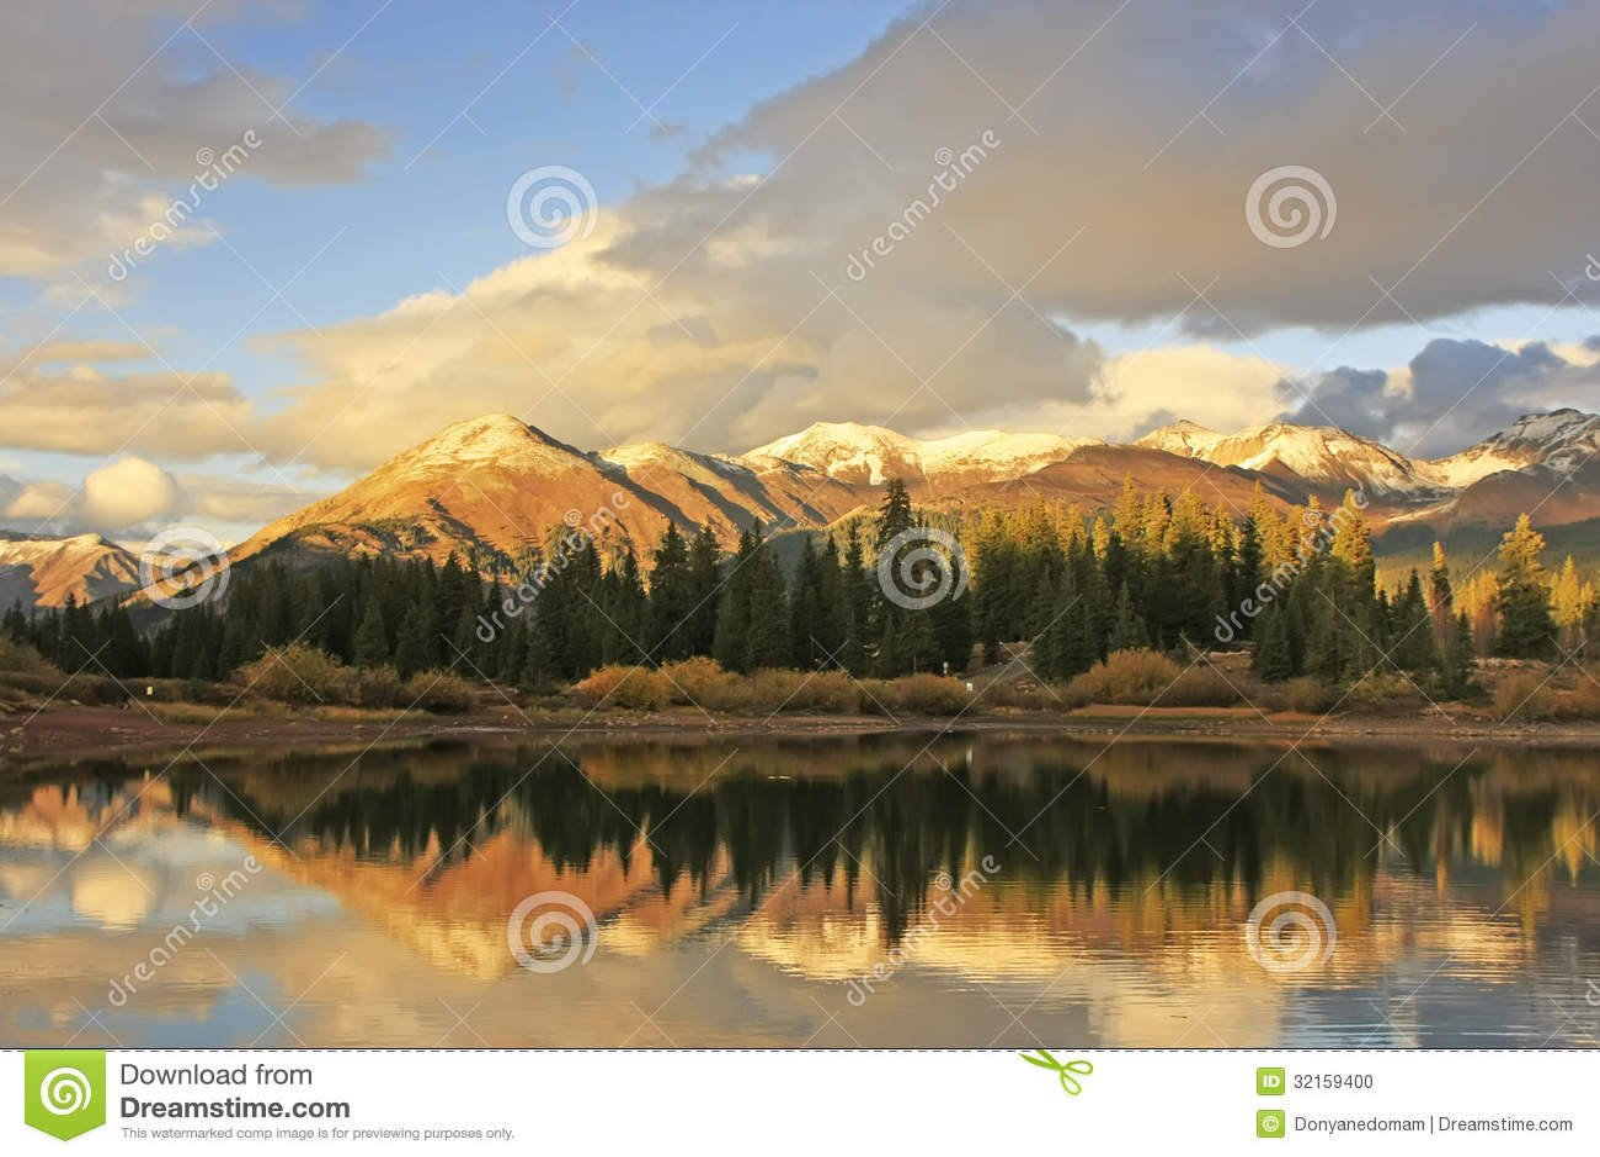 Molas sjö och visarberg, Weminuche vildmark, Colorado